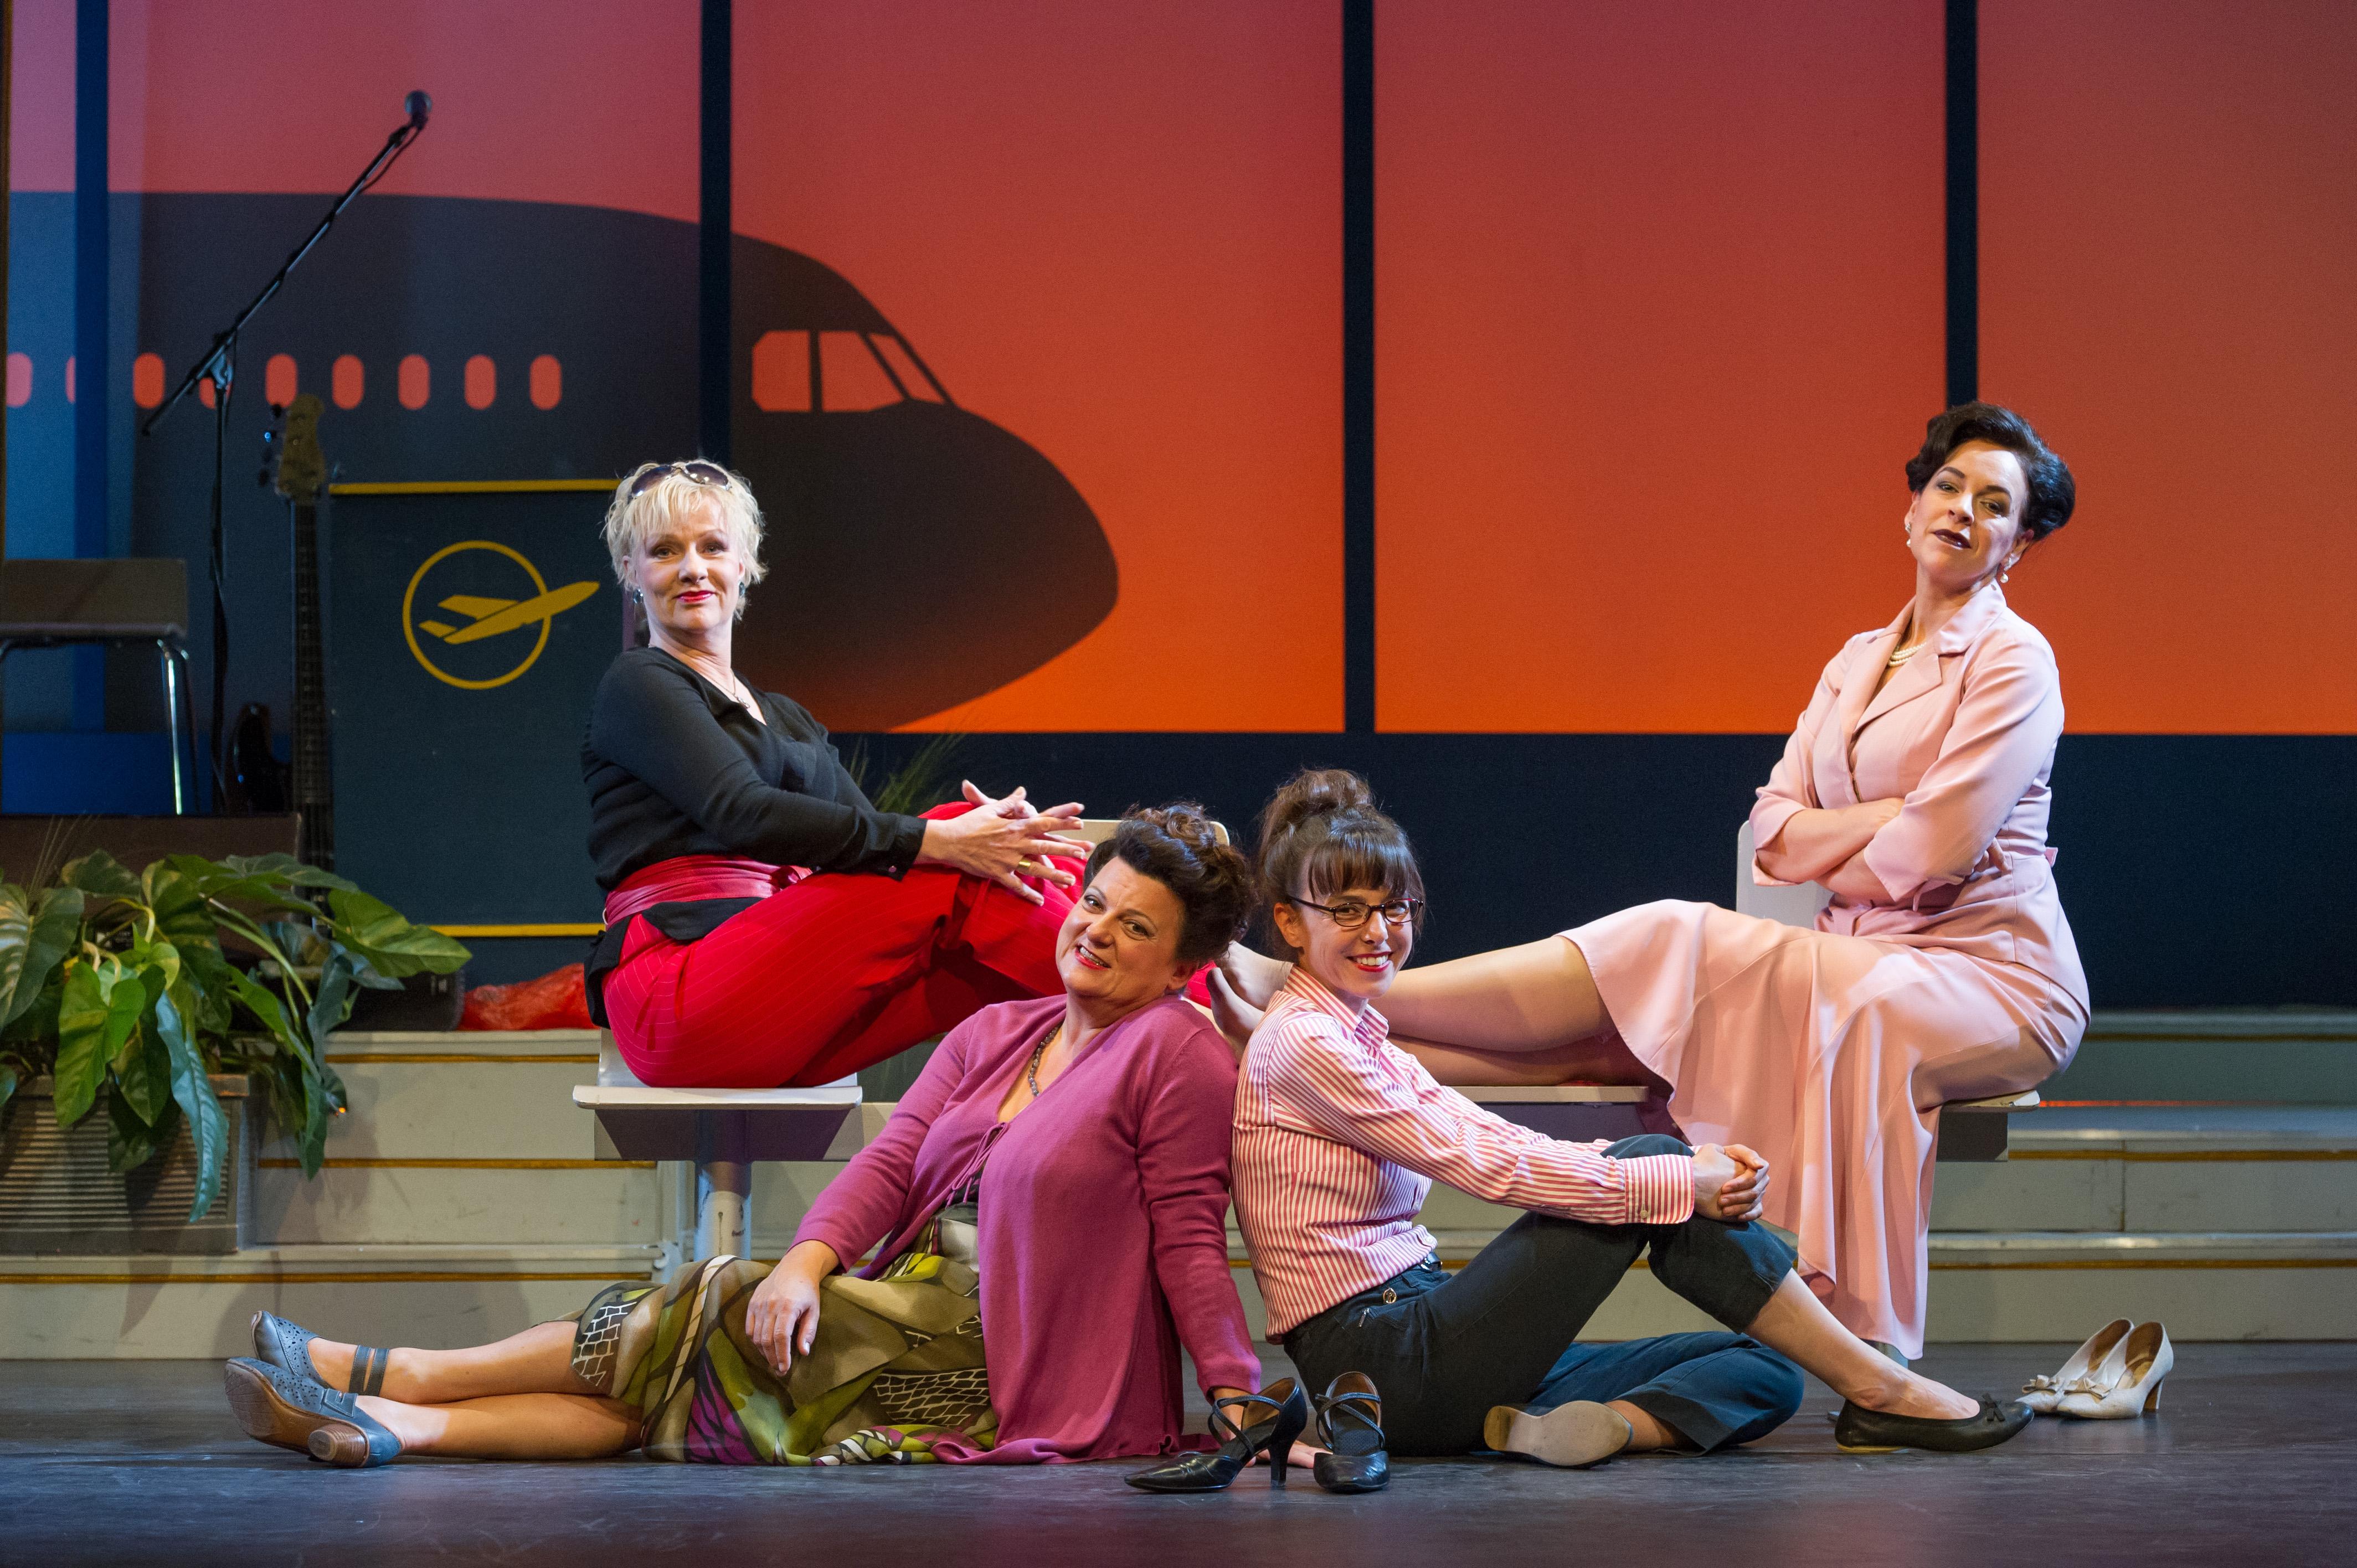 Heiße Zeiten, Das Ensemble (v.l.: Jutta Habicht, Sabine Urig, Anna Bolk und Ines Martinez) © Oliver Fantitsch